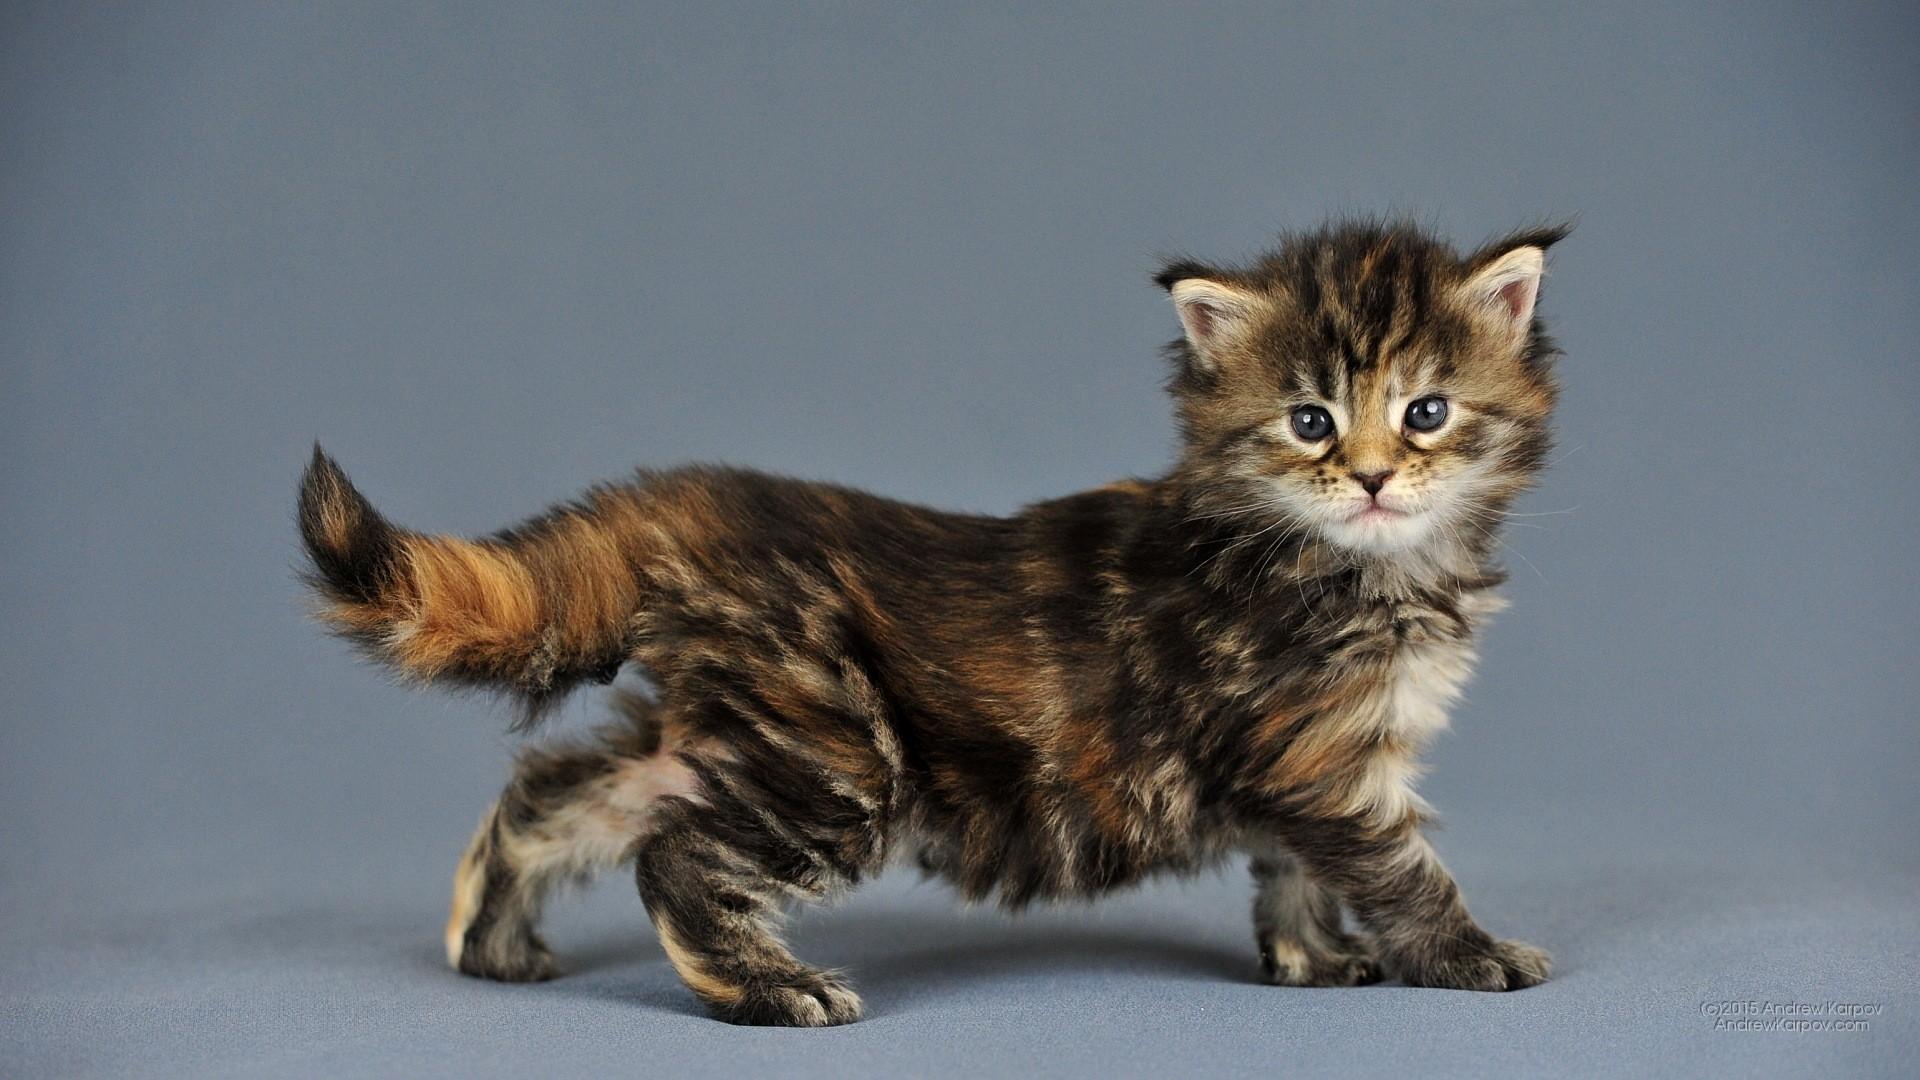 Gattini sfondi 73 immagini for Sfondi gatti gratis